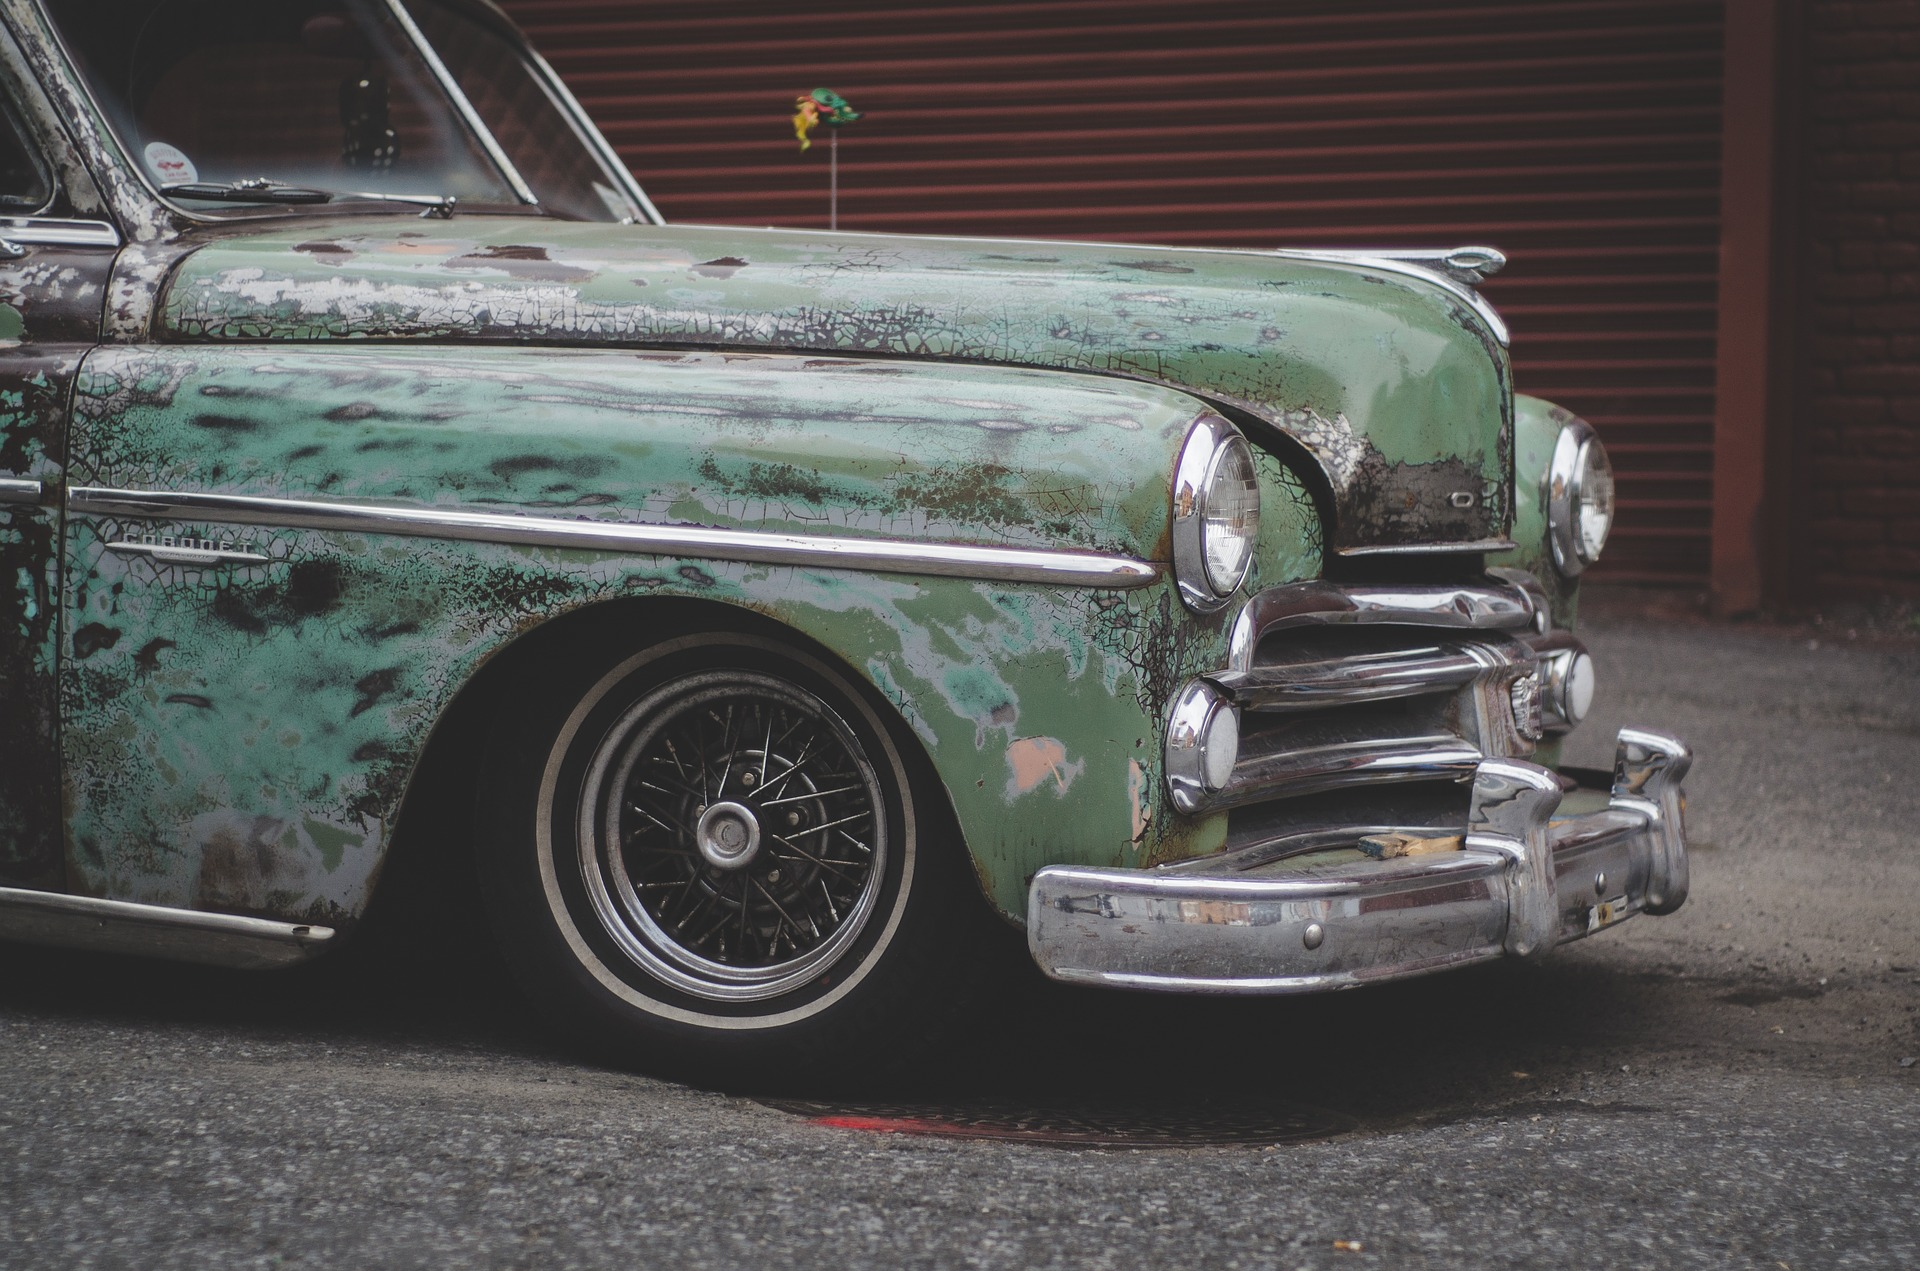 Getting Car Scratch Repair